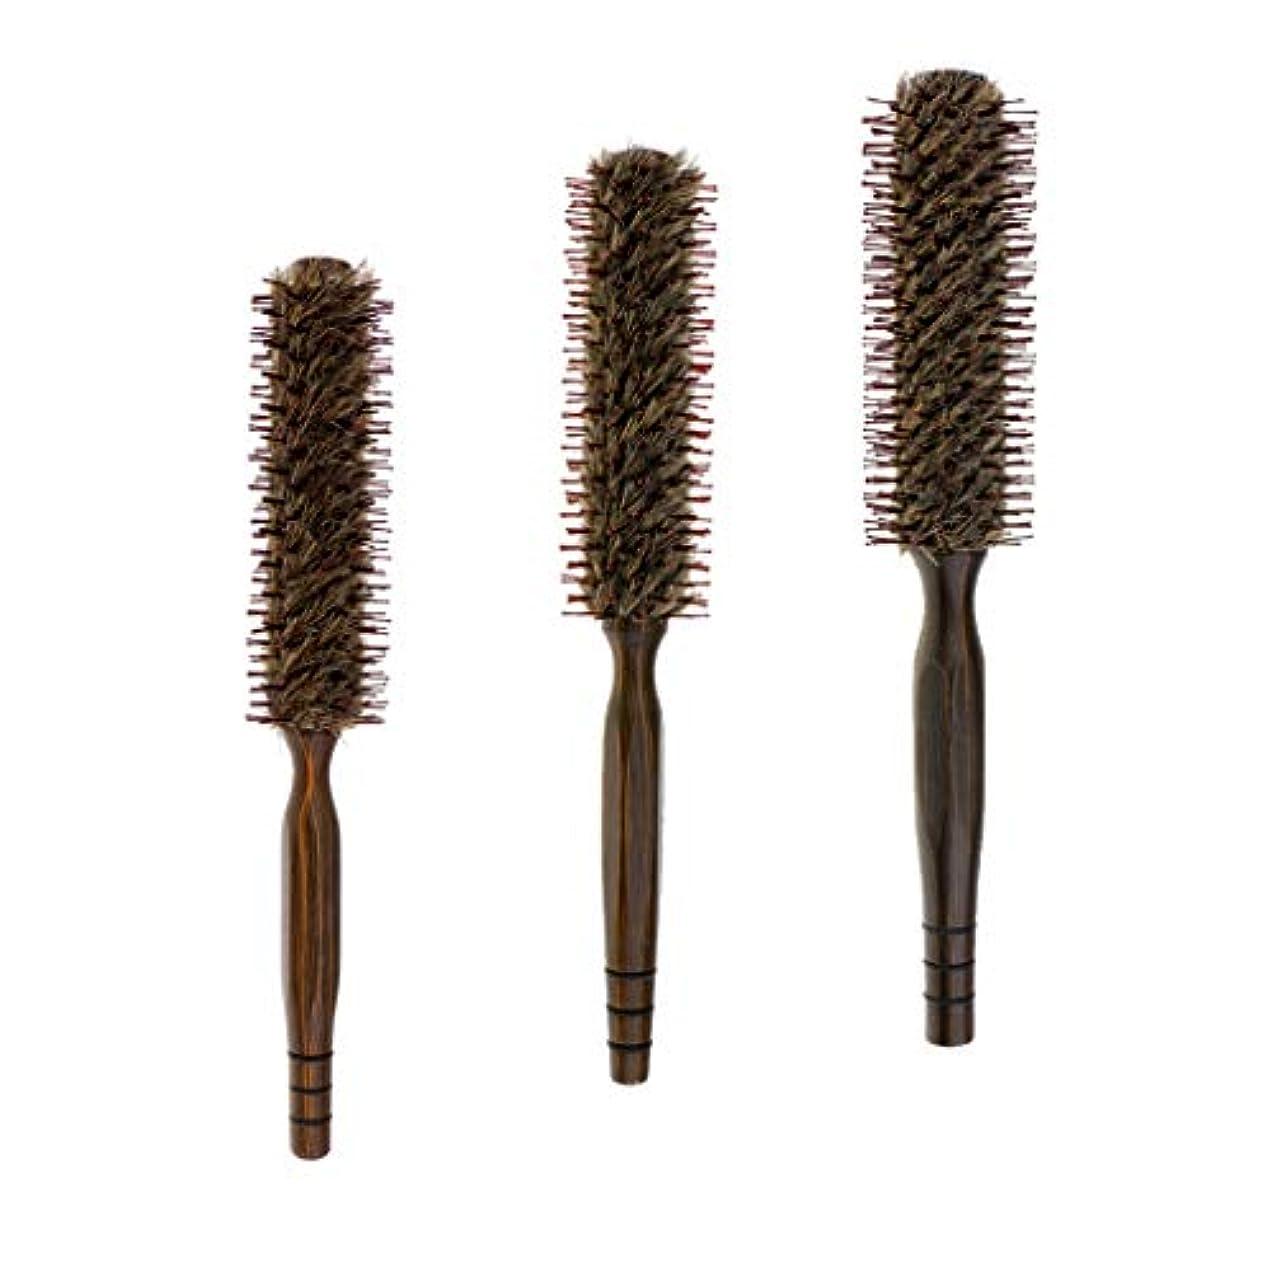 ピル病退屈させるToygogo 3パック小さい丸い木製理髪の毛の巻き毛の櫛のブラシ18/20 / 22mm